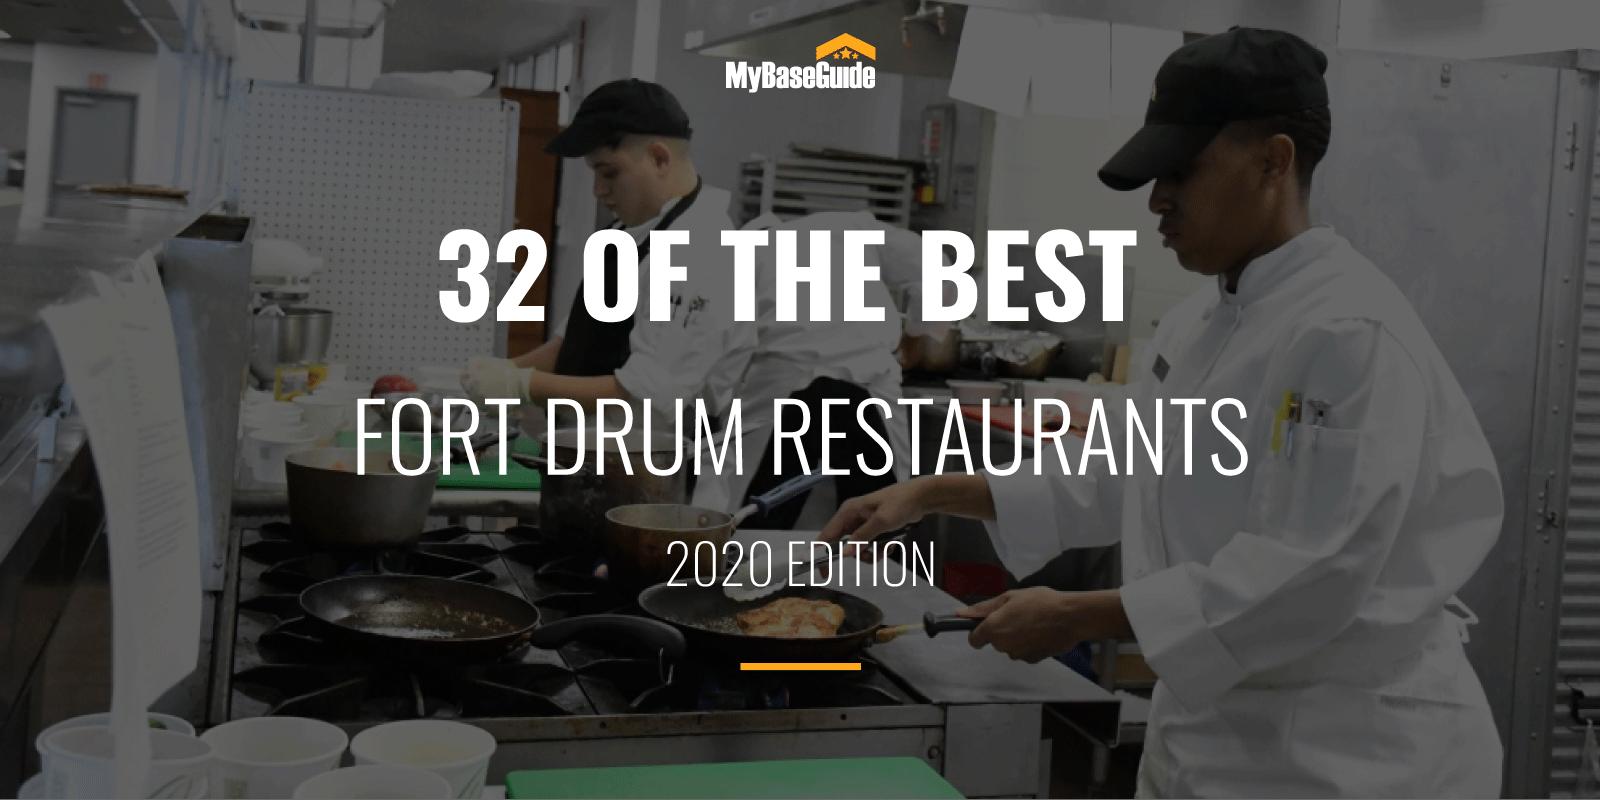 32 of the Best Fort Drum Restaurants